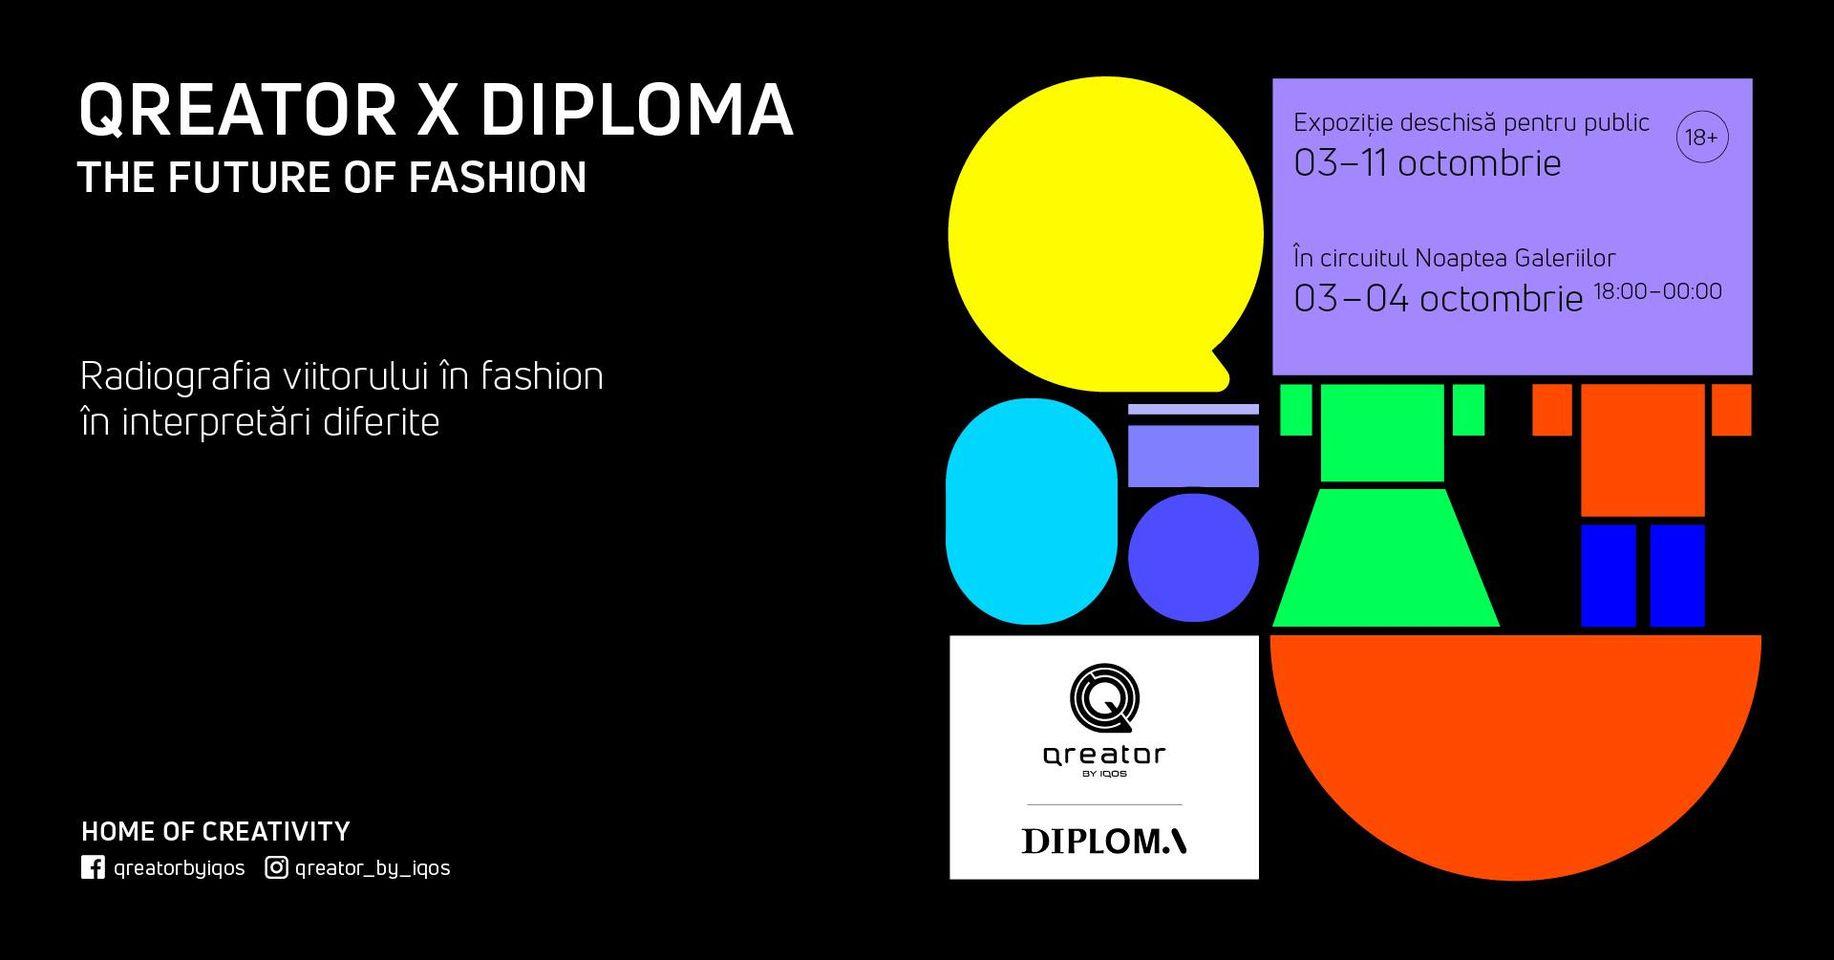 diploma 2020 the future of fashion